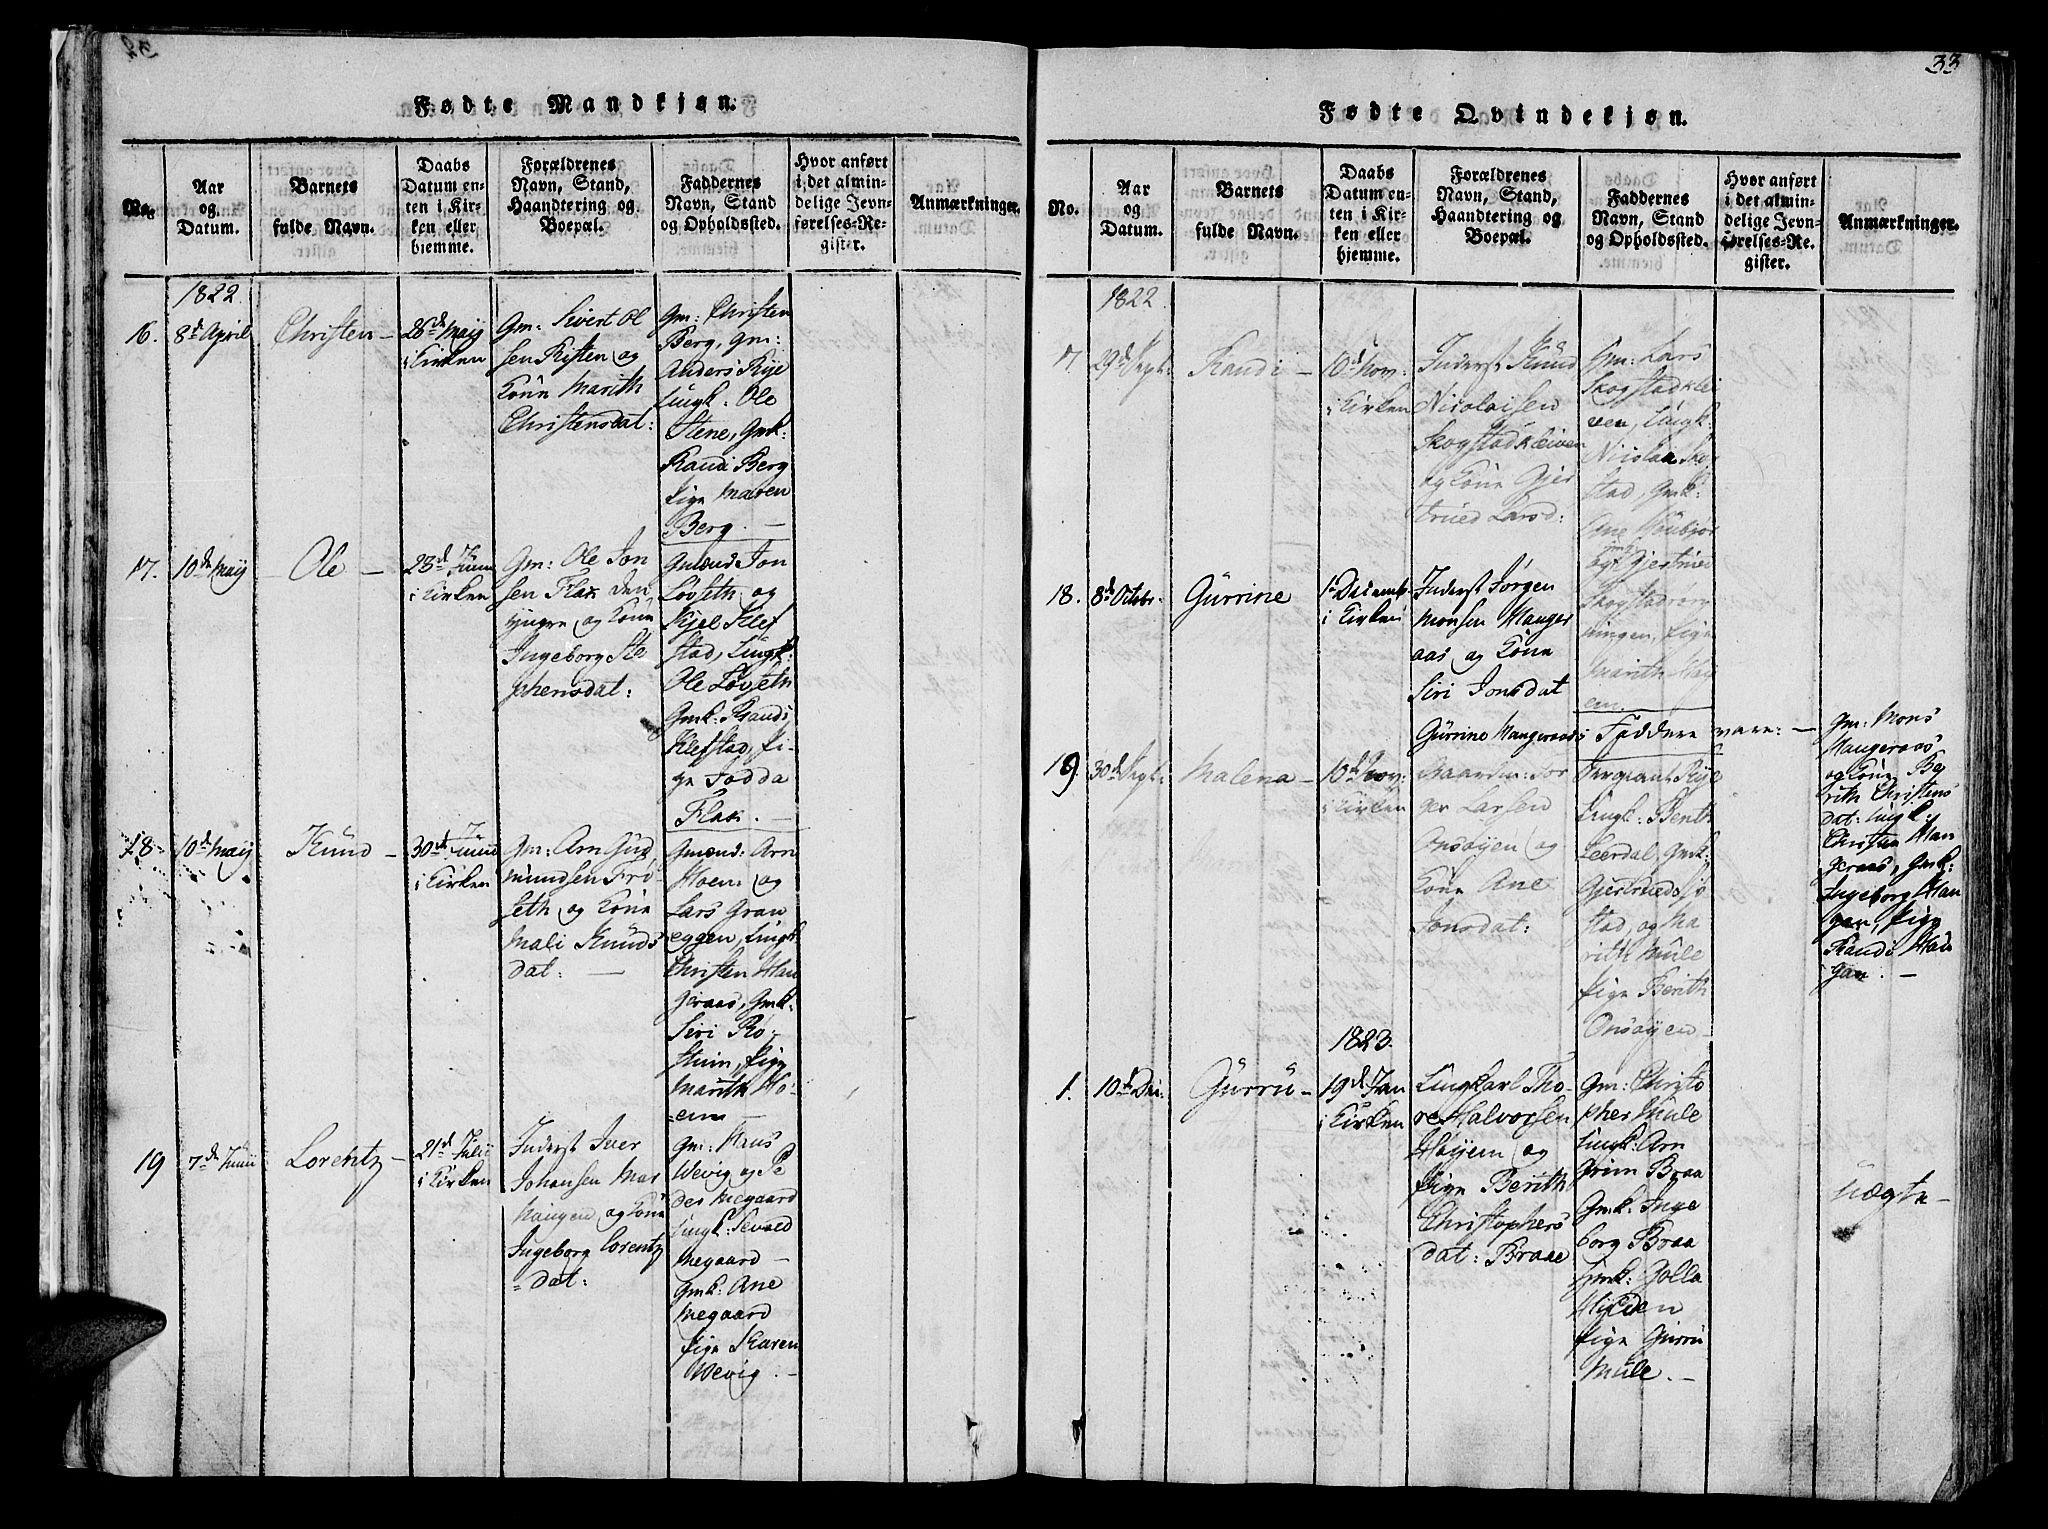 SAT, Ministerialprotokoller, klokkerbøker og fødselsregistre - Sør-Trøndelag, 612/L0372: Ministerialbok nr. 612A06 /1, 1816-1828, s. 33